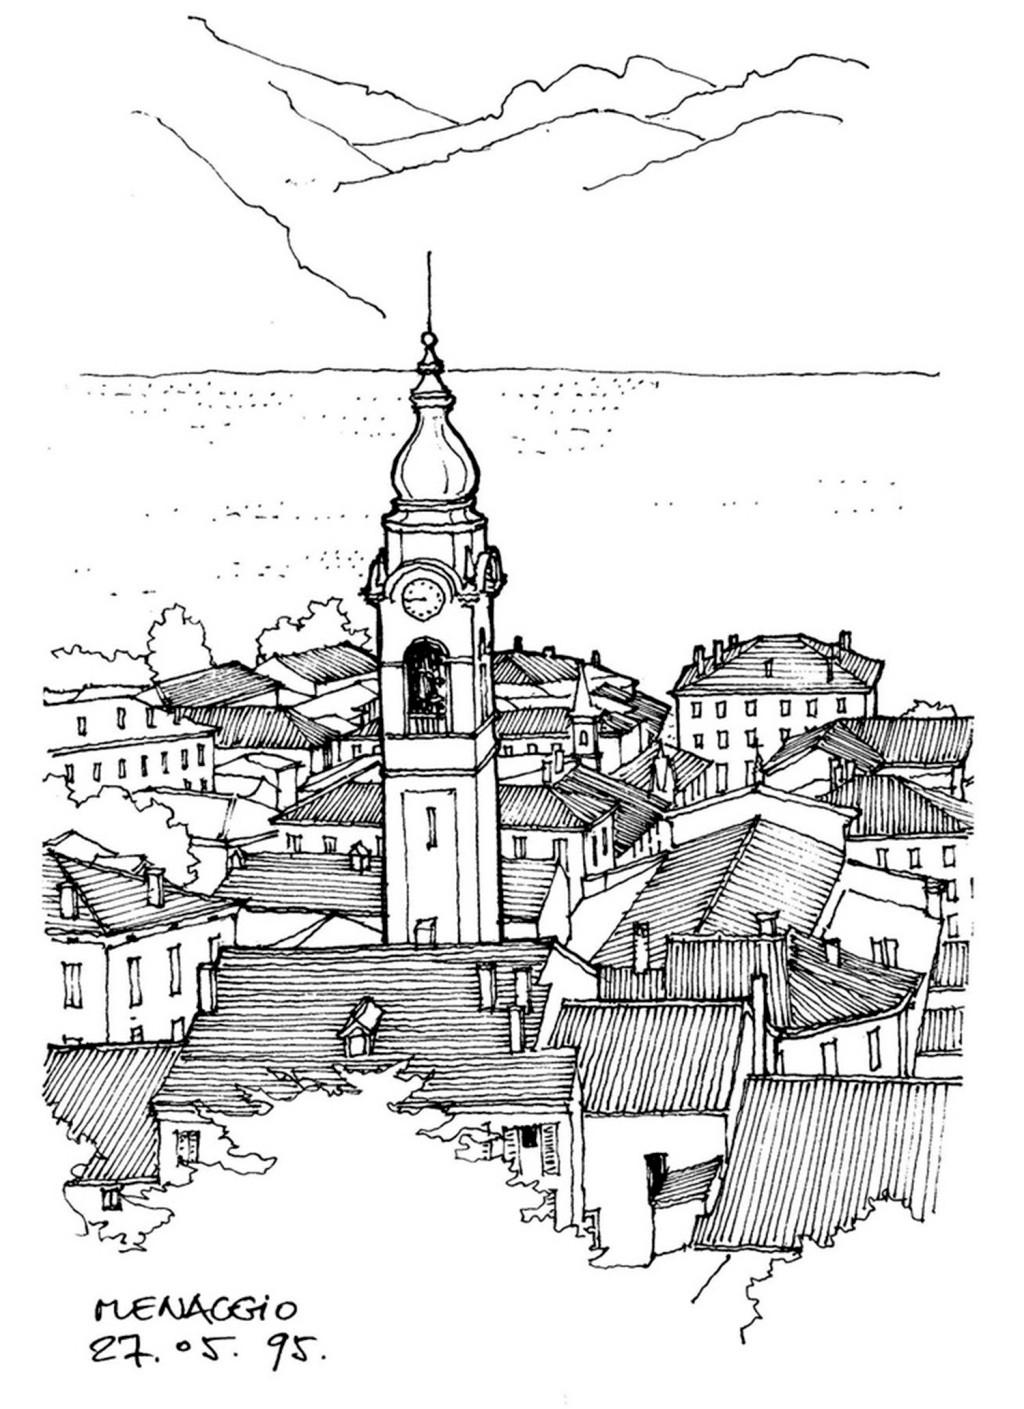 欧式建筑群 建筑平面图素材免费下载 手绘图 图纸 城堡 建筑施工图